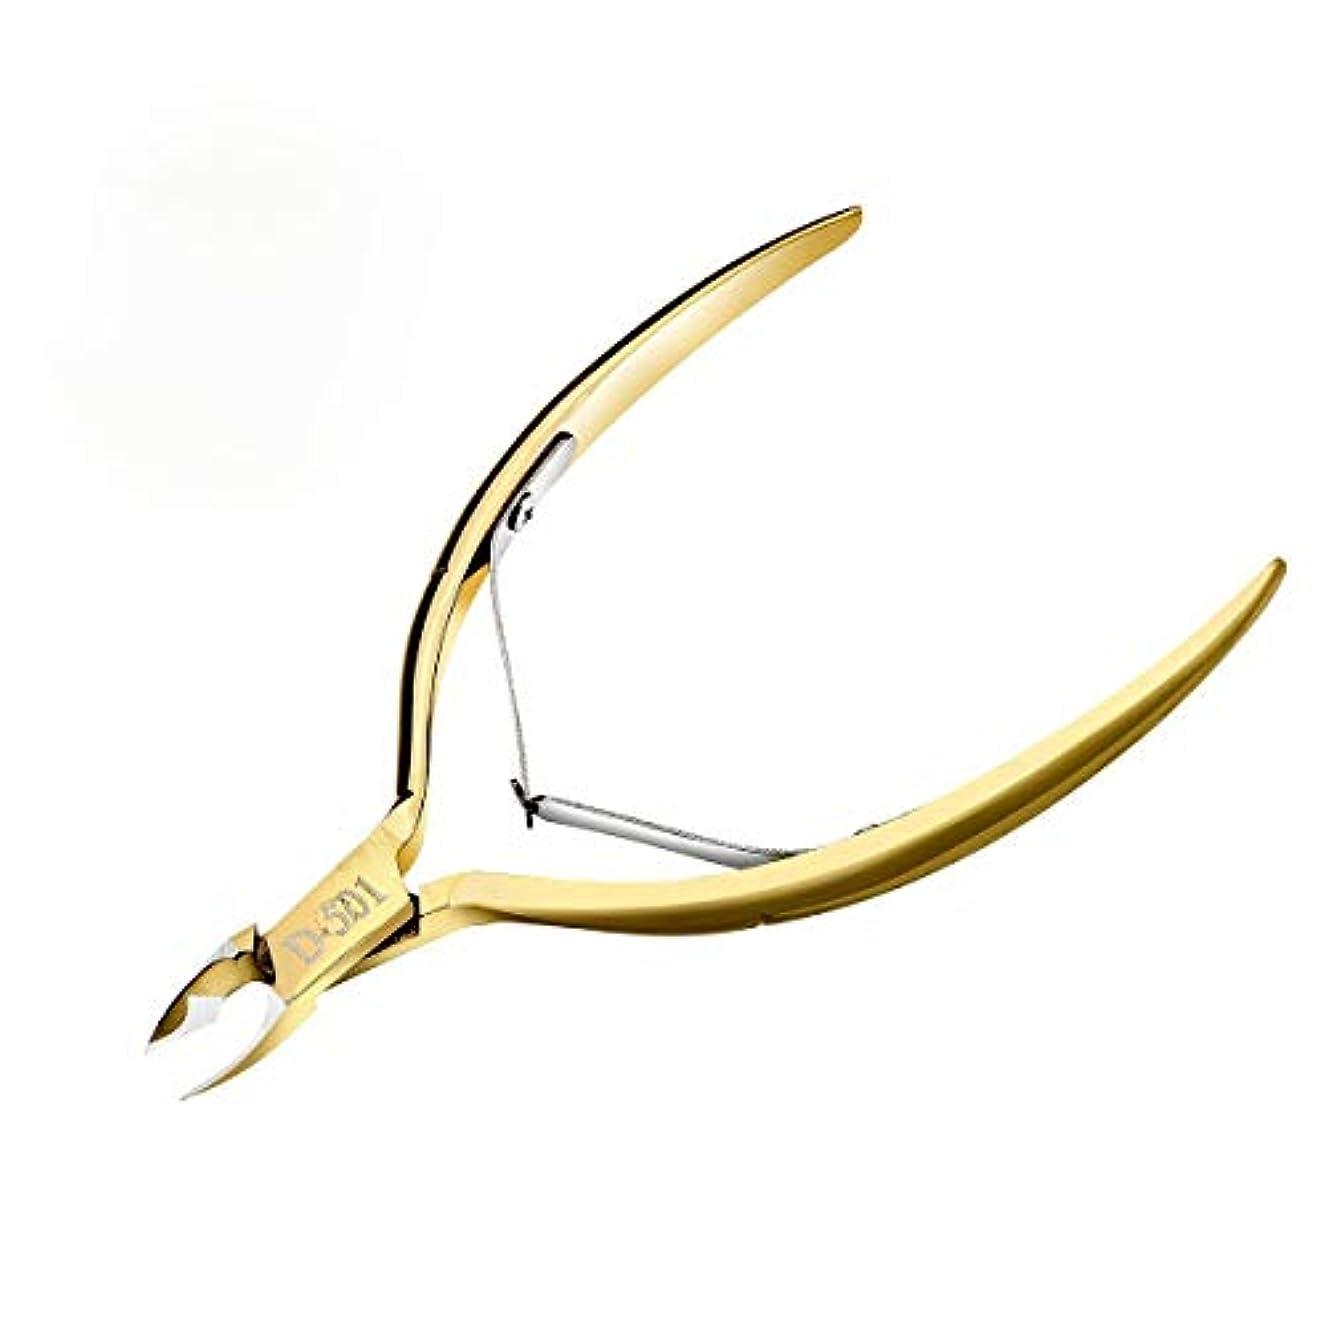 効能重さプロジェクターMakartt® JAW1/4  キューティクルニッパー 甘皮切り ささくれニッパー ニッパー式爪切り 魚の目などの角質にも対応